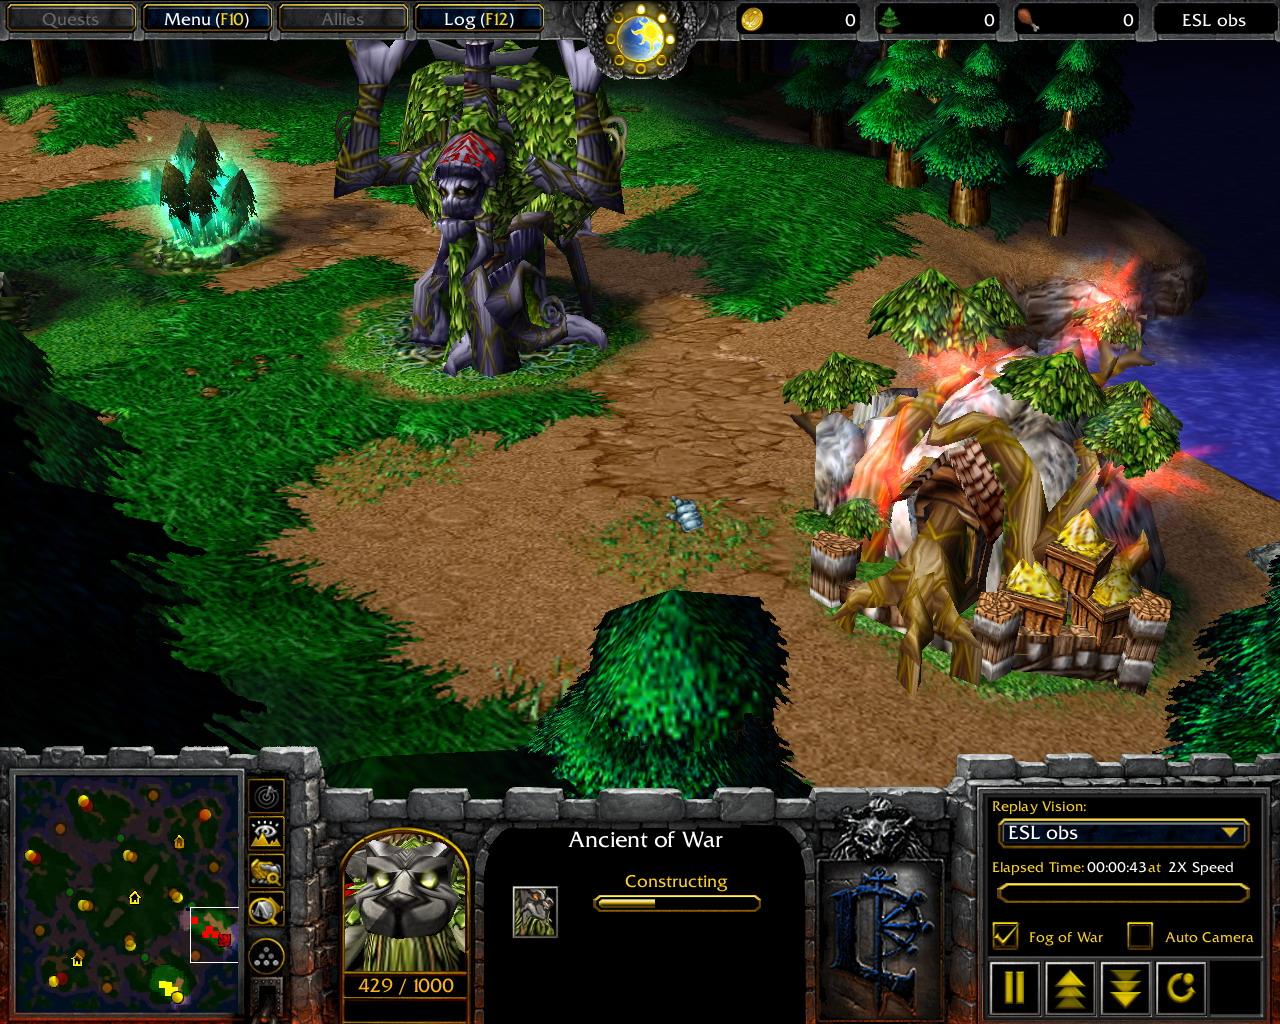 Warcraft 3 скачать бесплатно одним файлом бесплатно